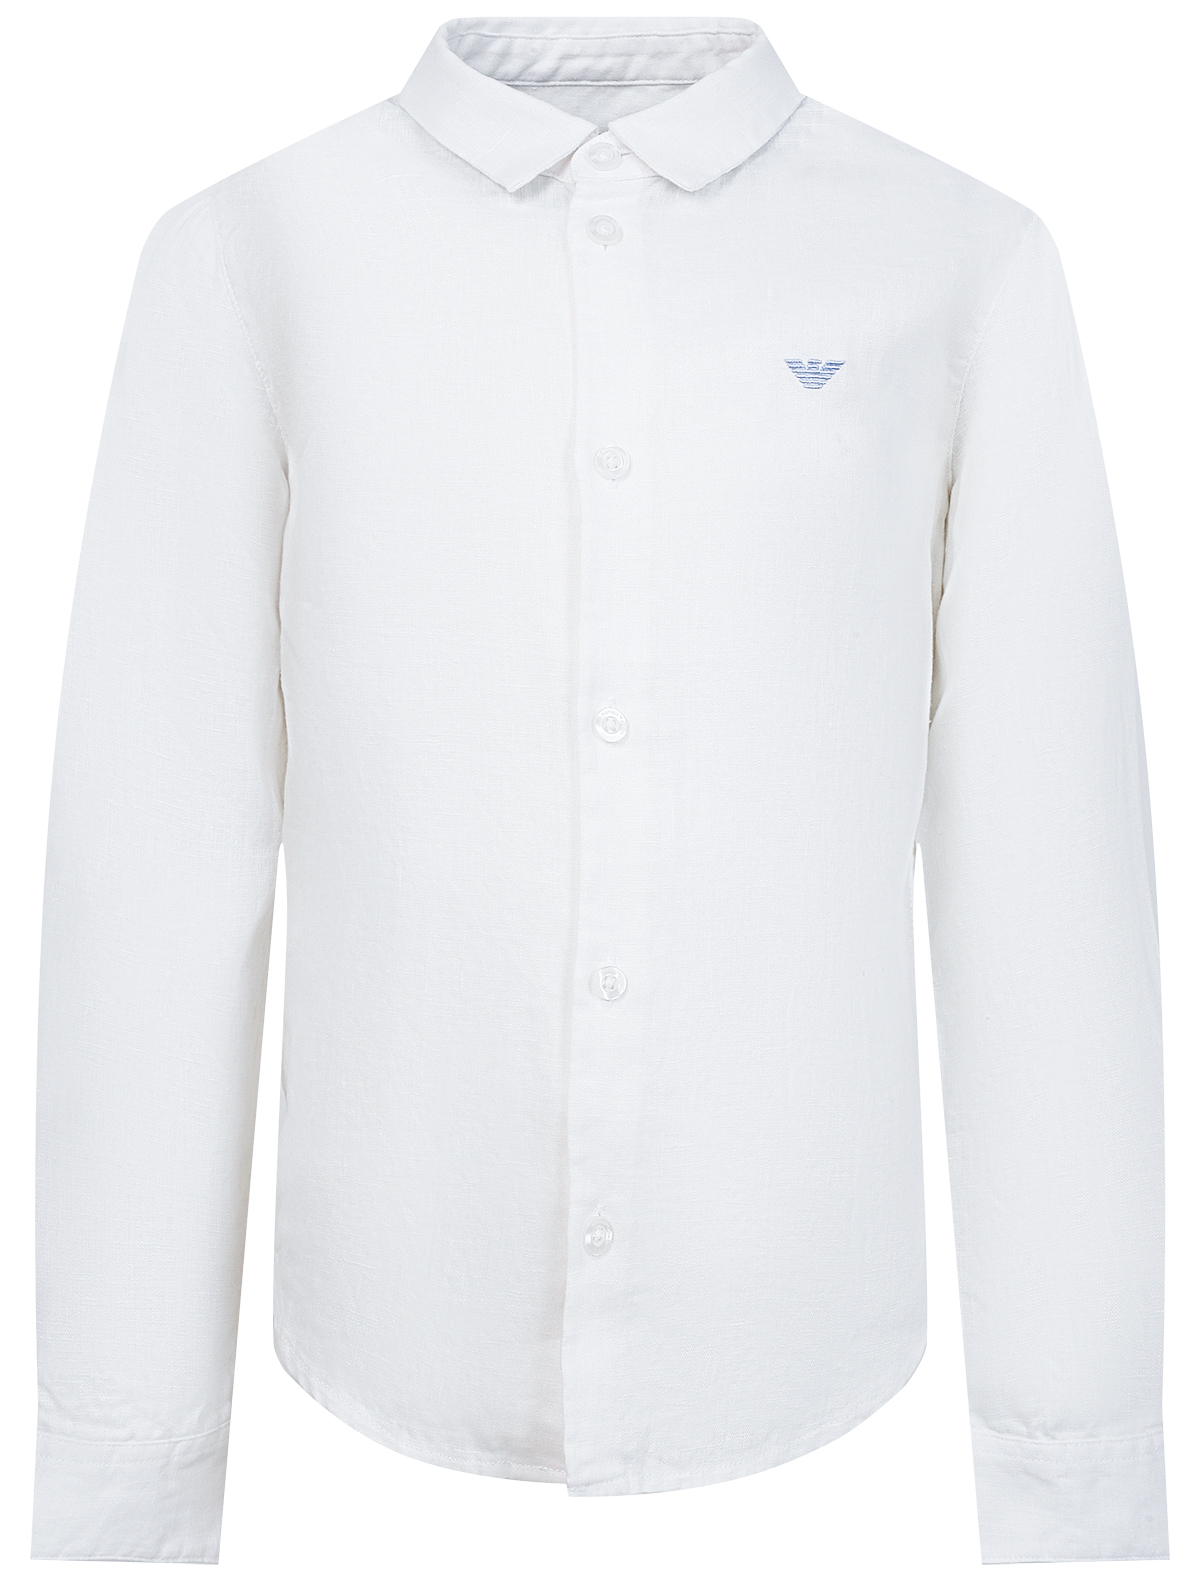 Купить 2168341, Рубашка Armani Junior, белый, Мужской, 1014519070019